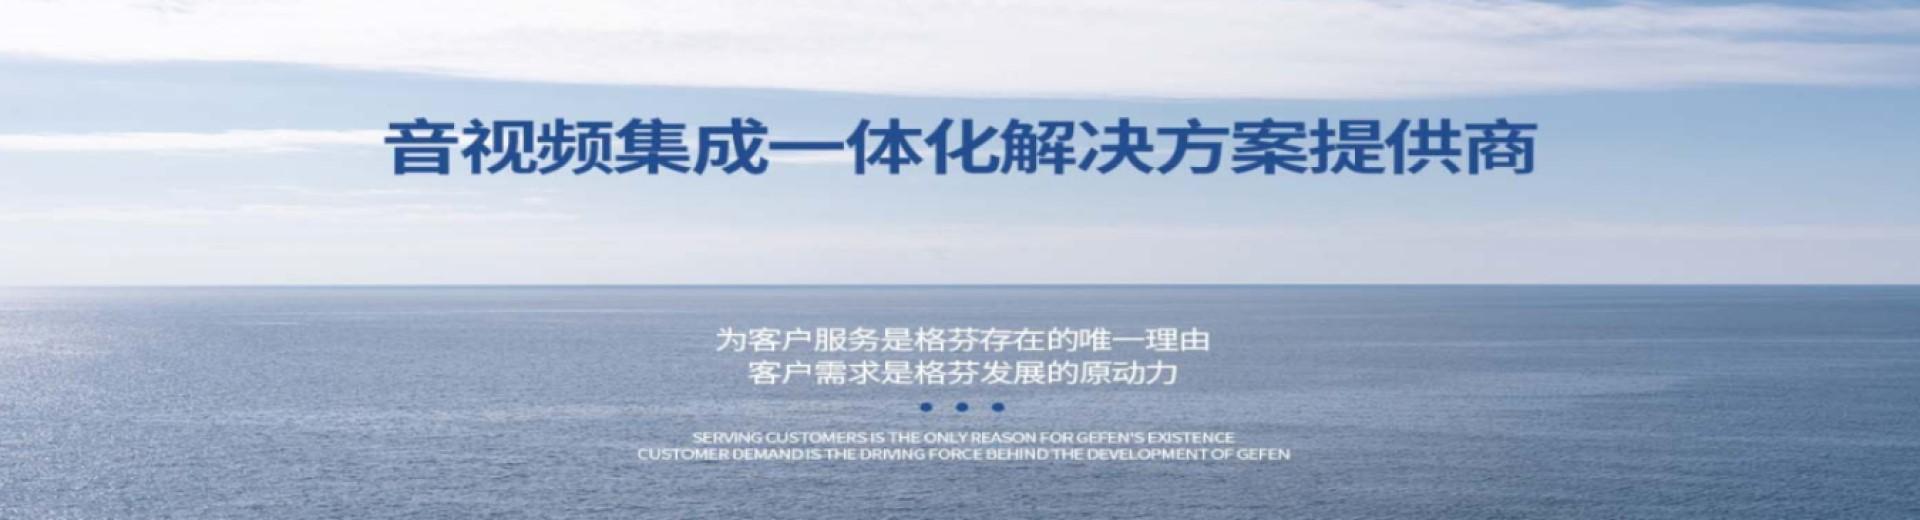 广州格芬电子科技有限公司|网站